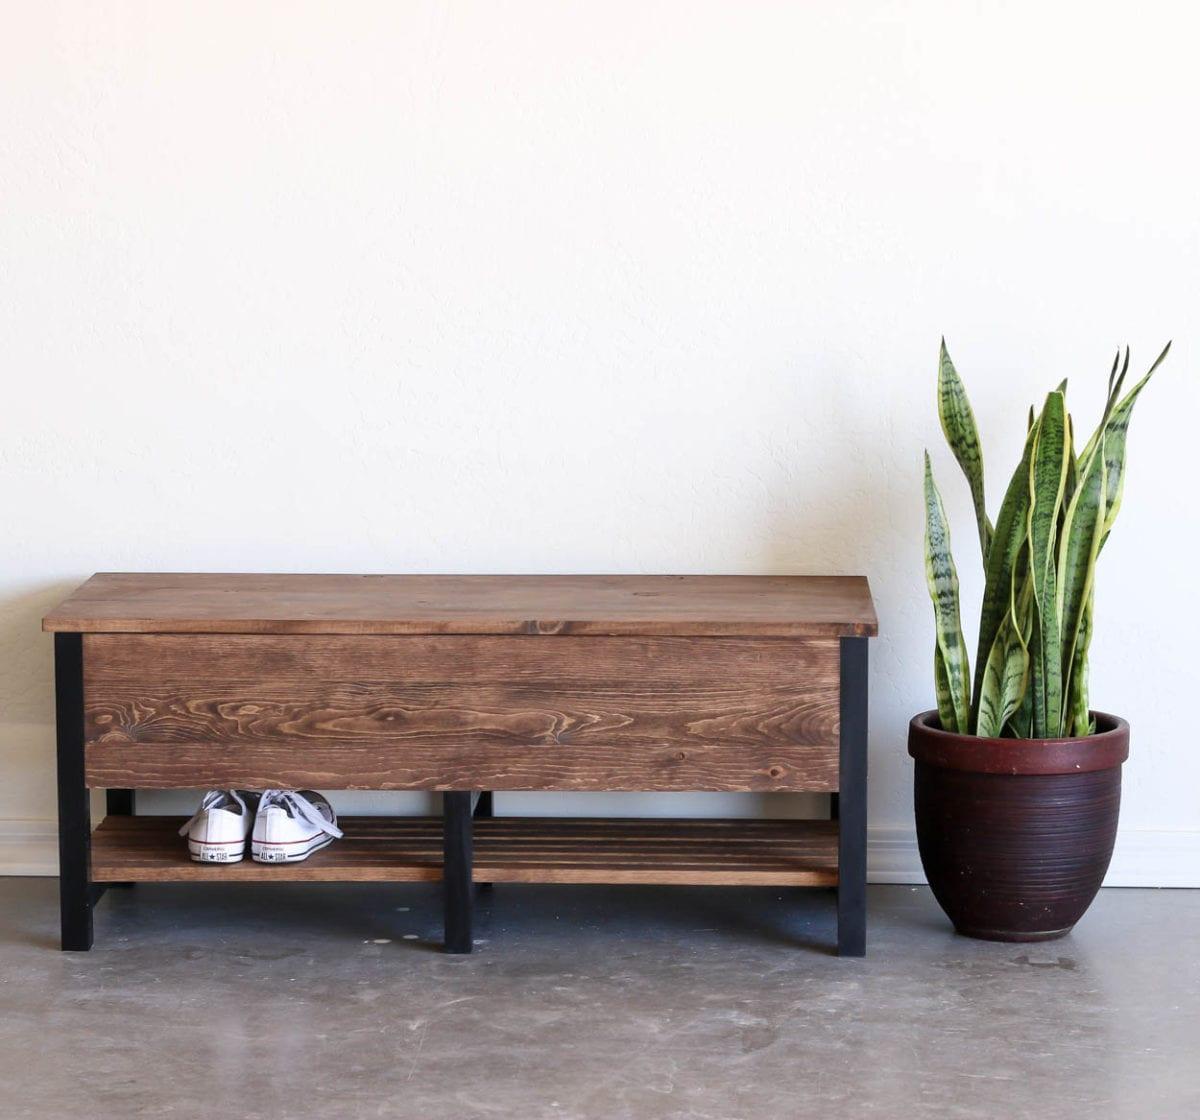 storage bench front shot